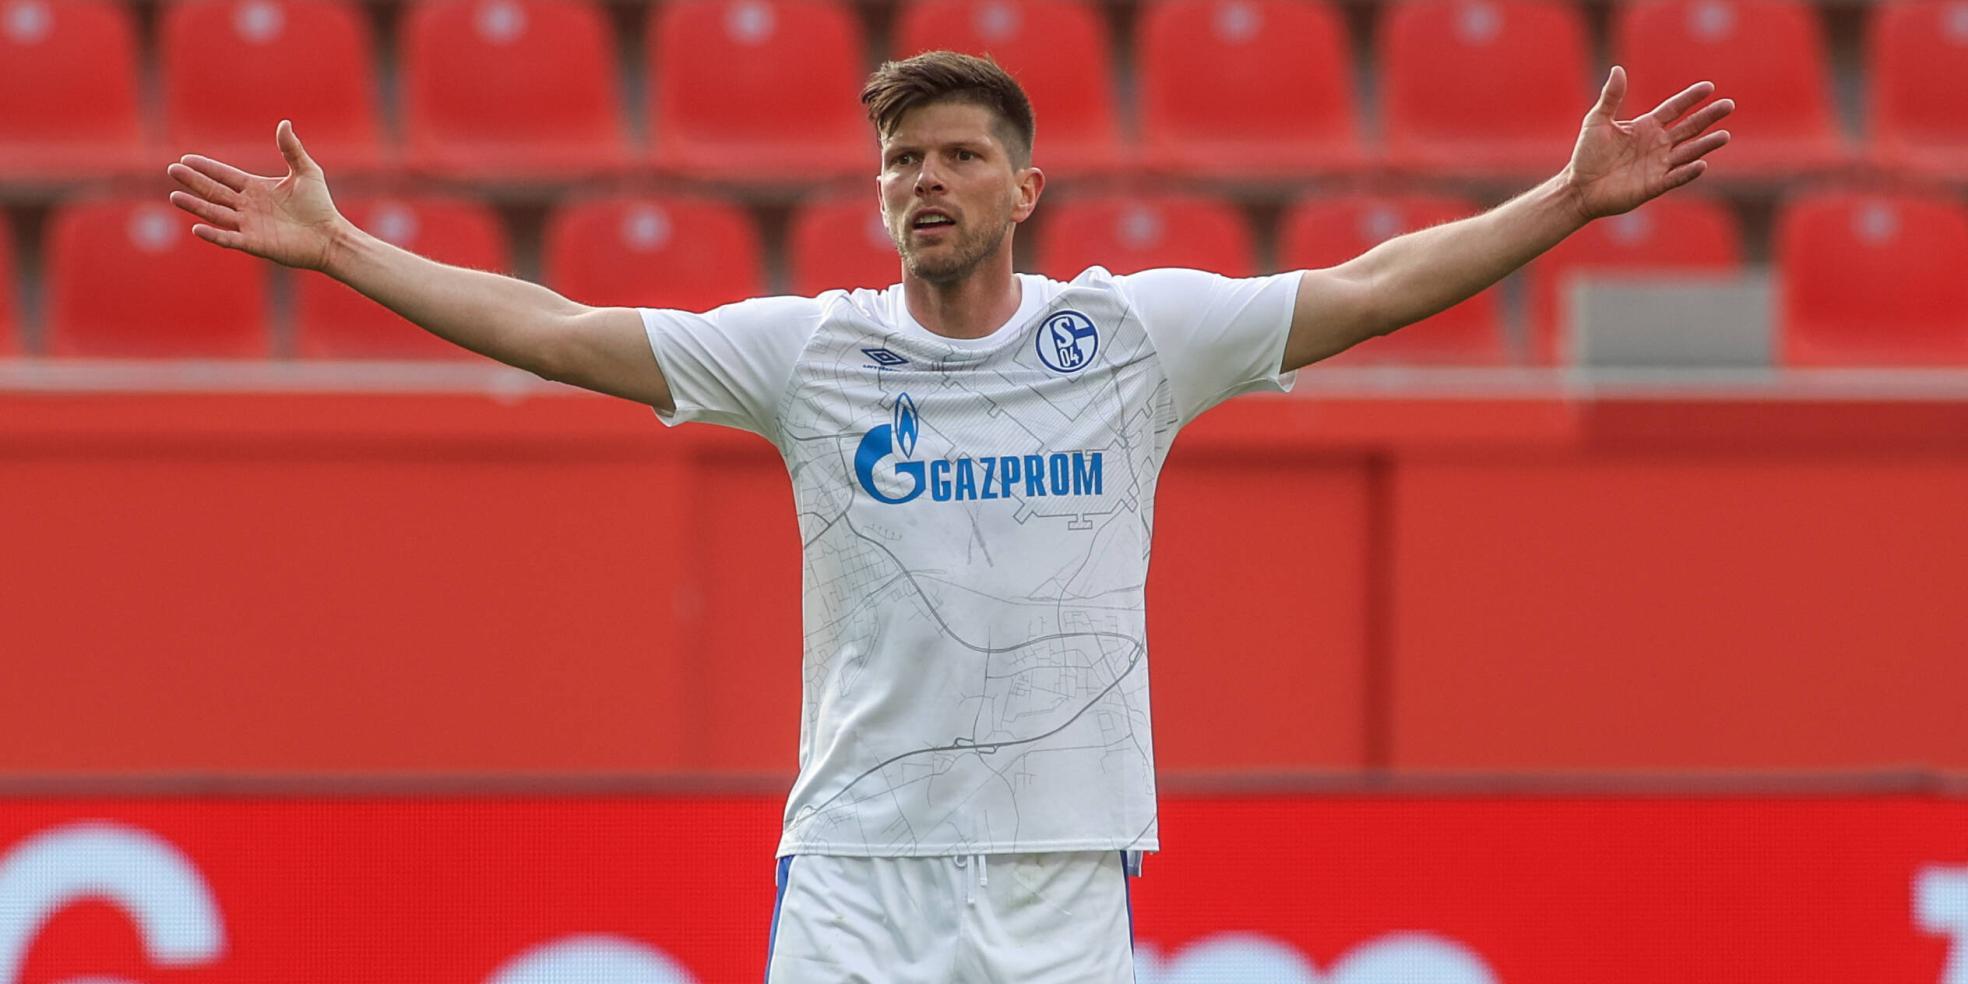 Klaas-Jan Huntelaar vom FC Schalke 04